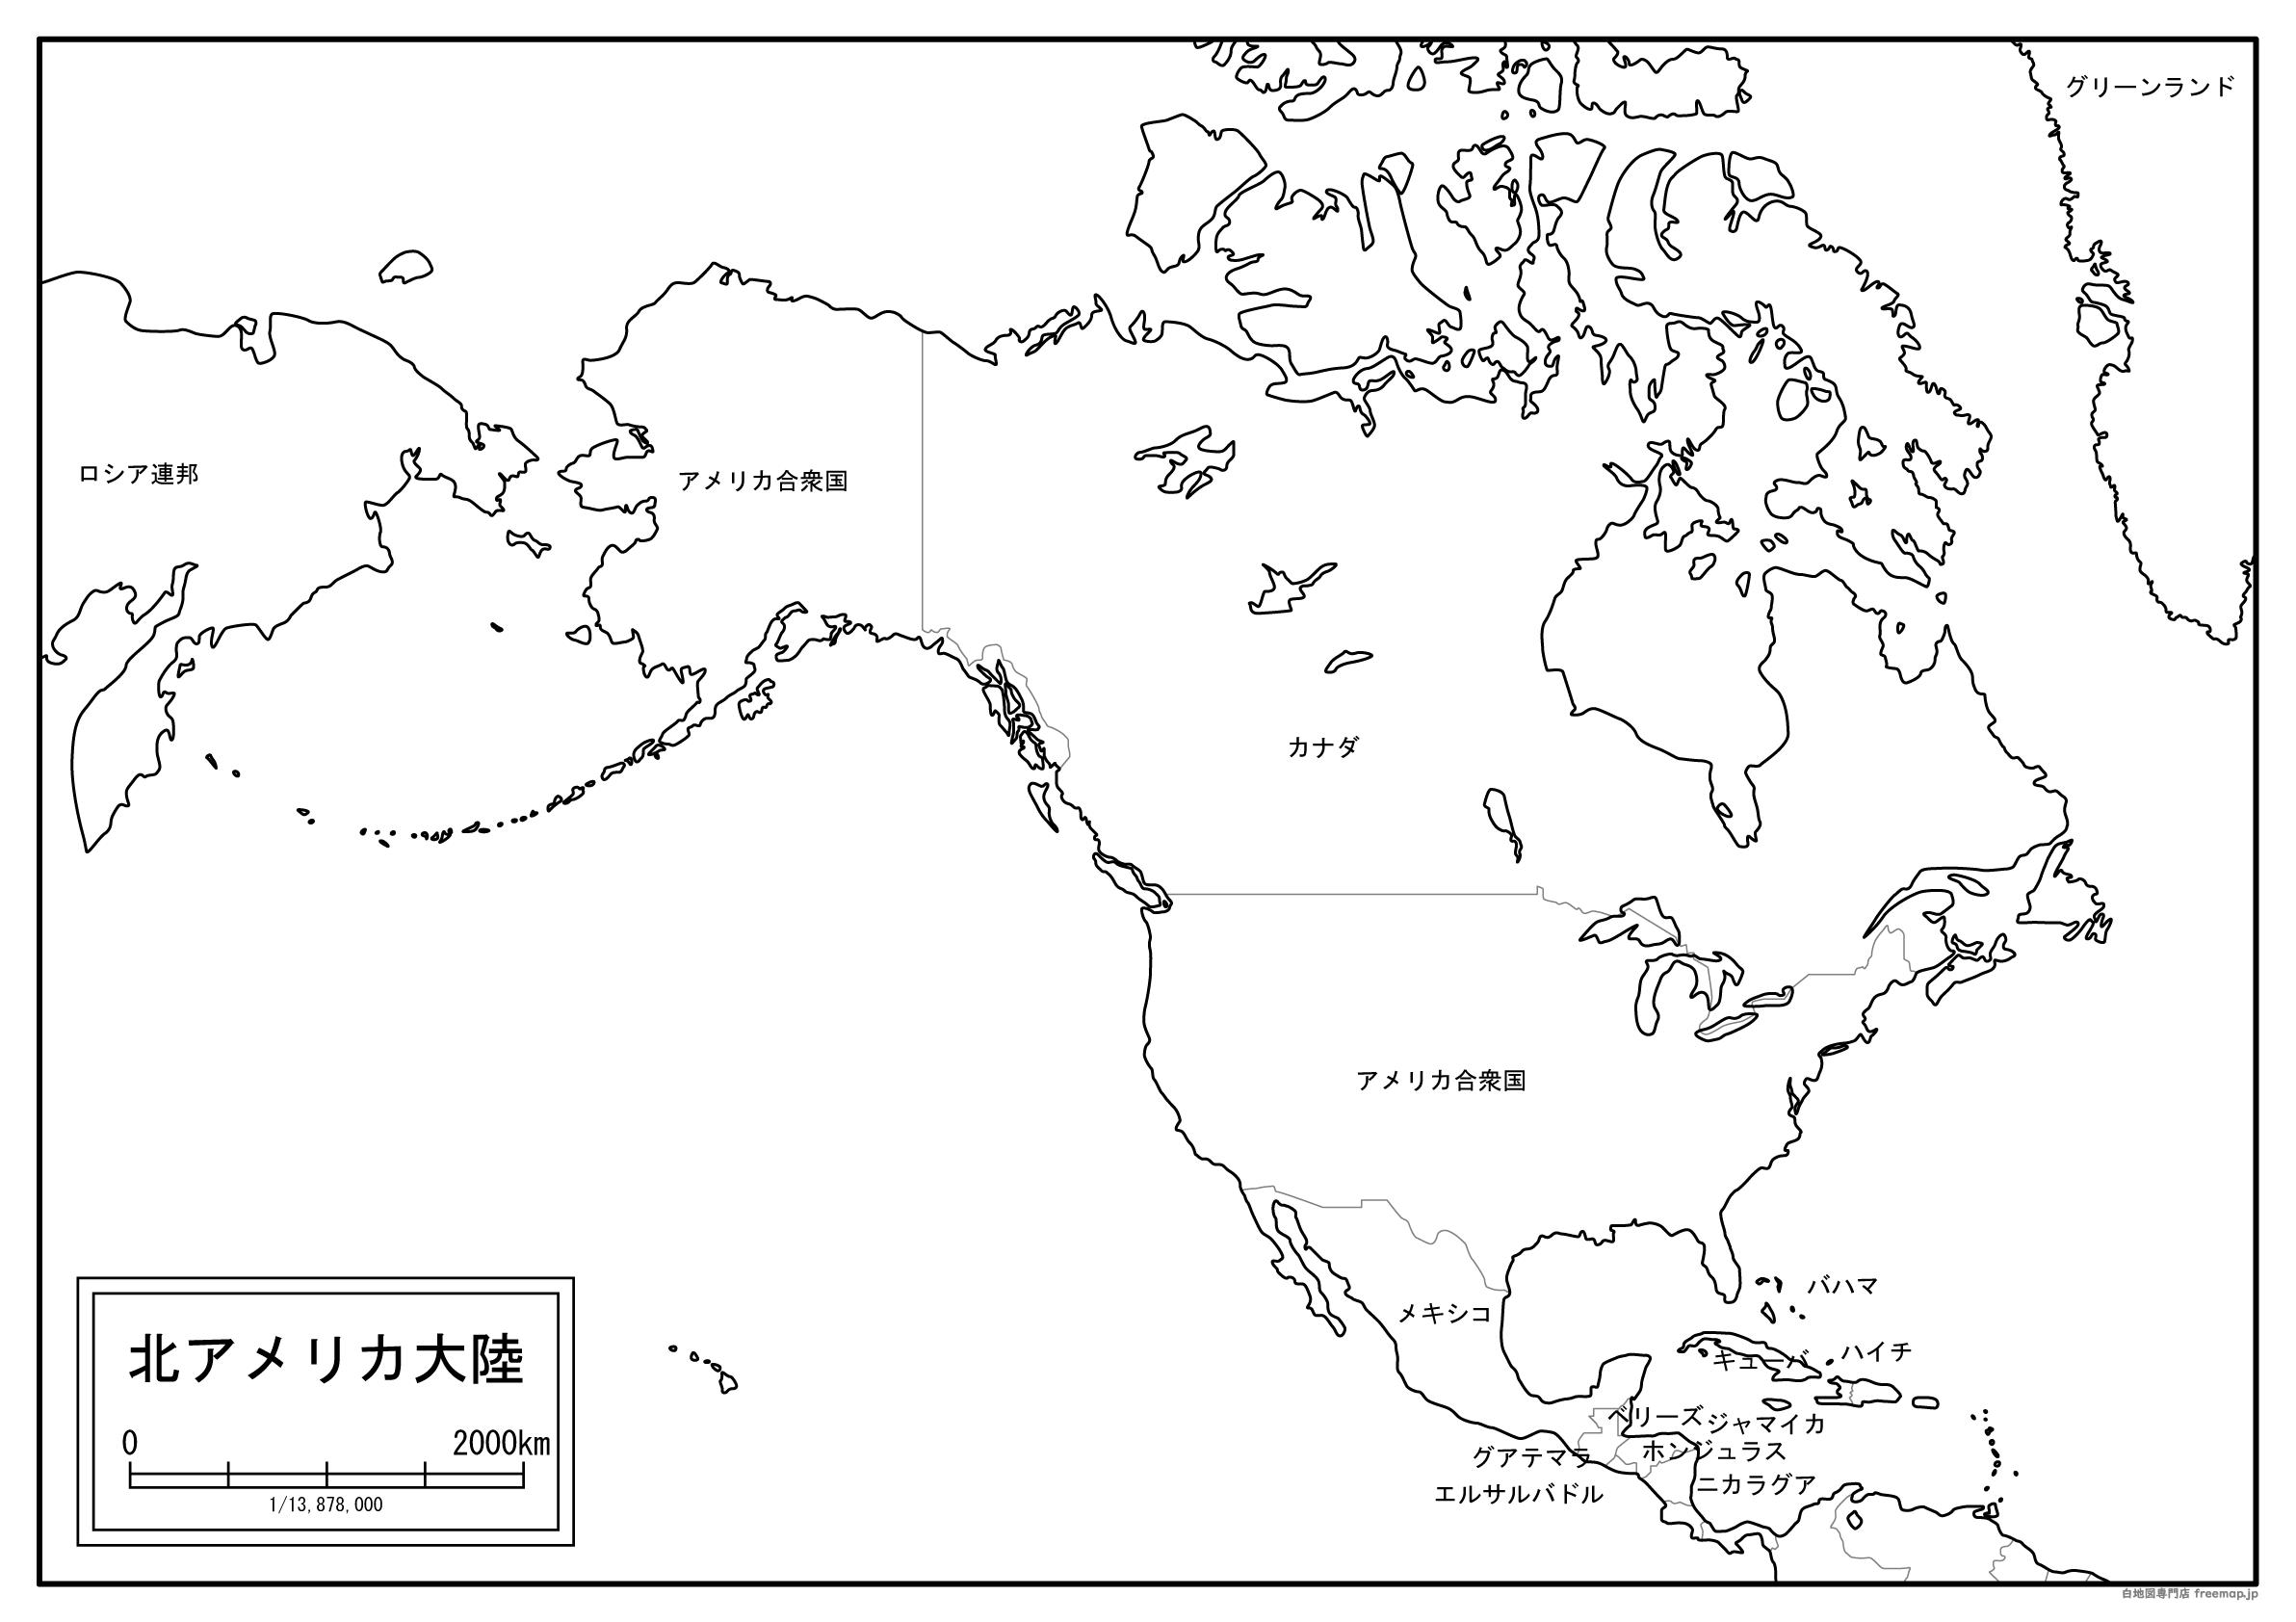 アメリカ 大陸 北